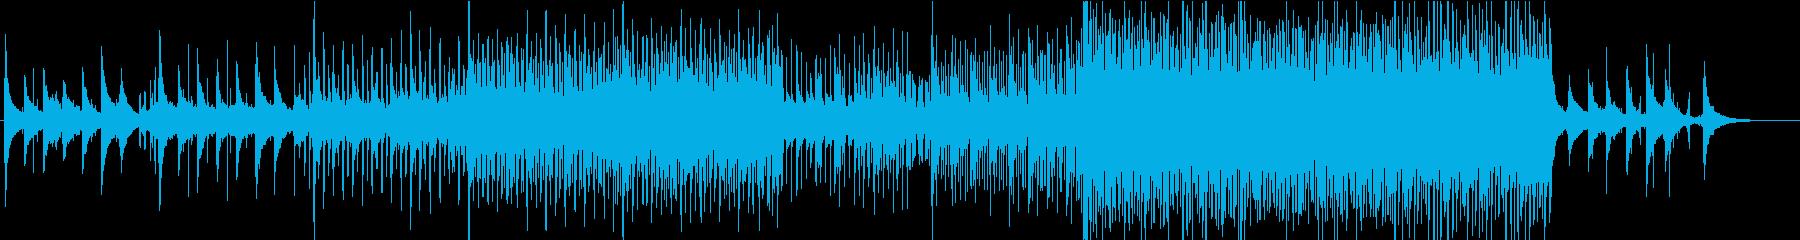 映画のワンシーン 夜から朝になるイメージの再生済みの波形